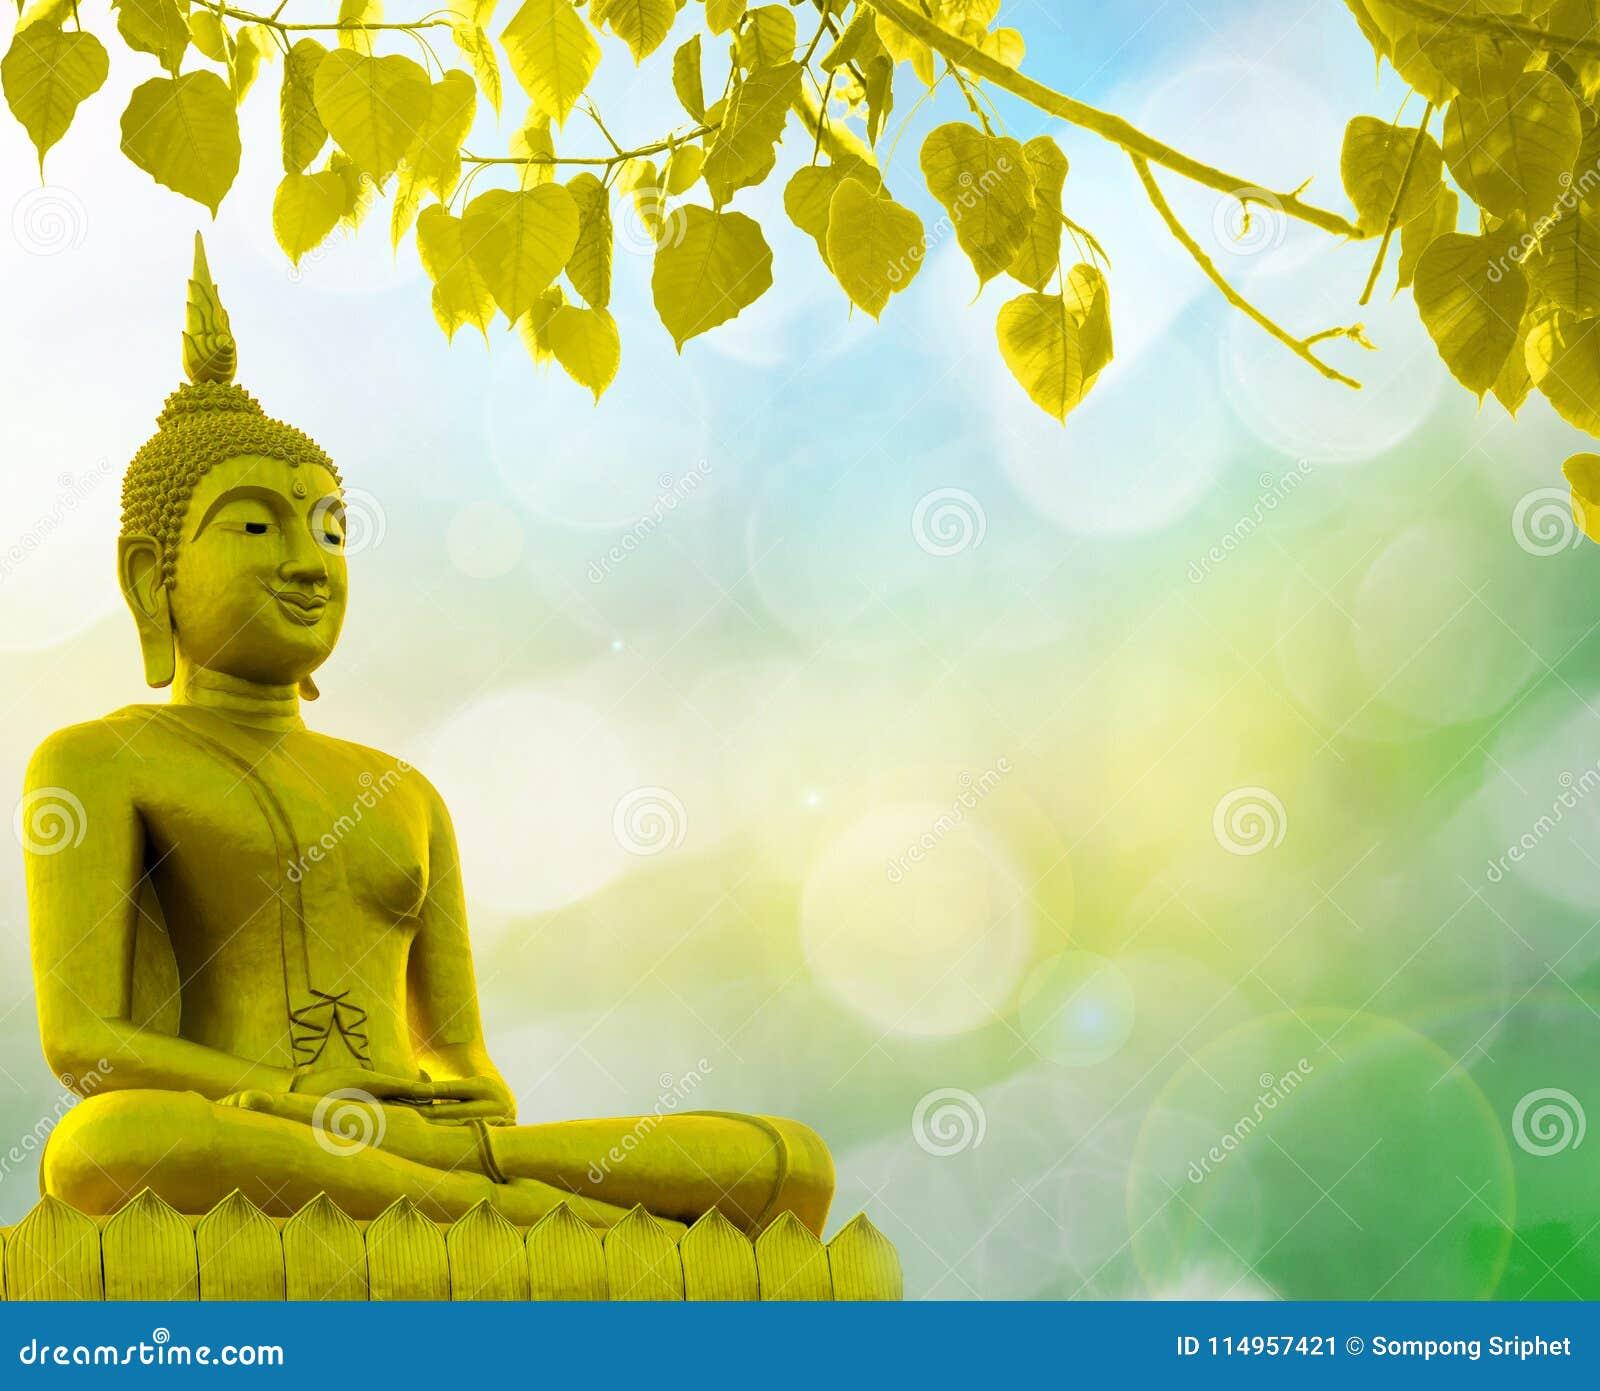 Buddha statue priest religion golden background